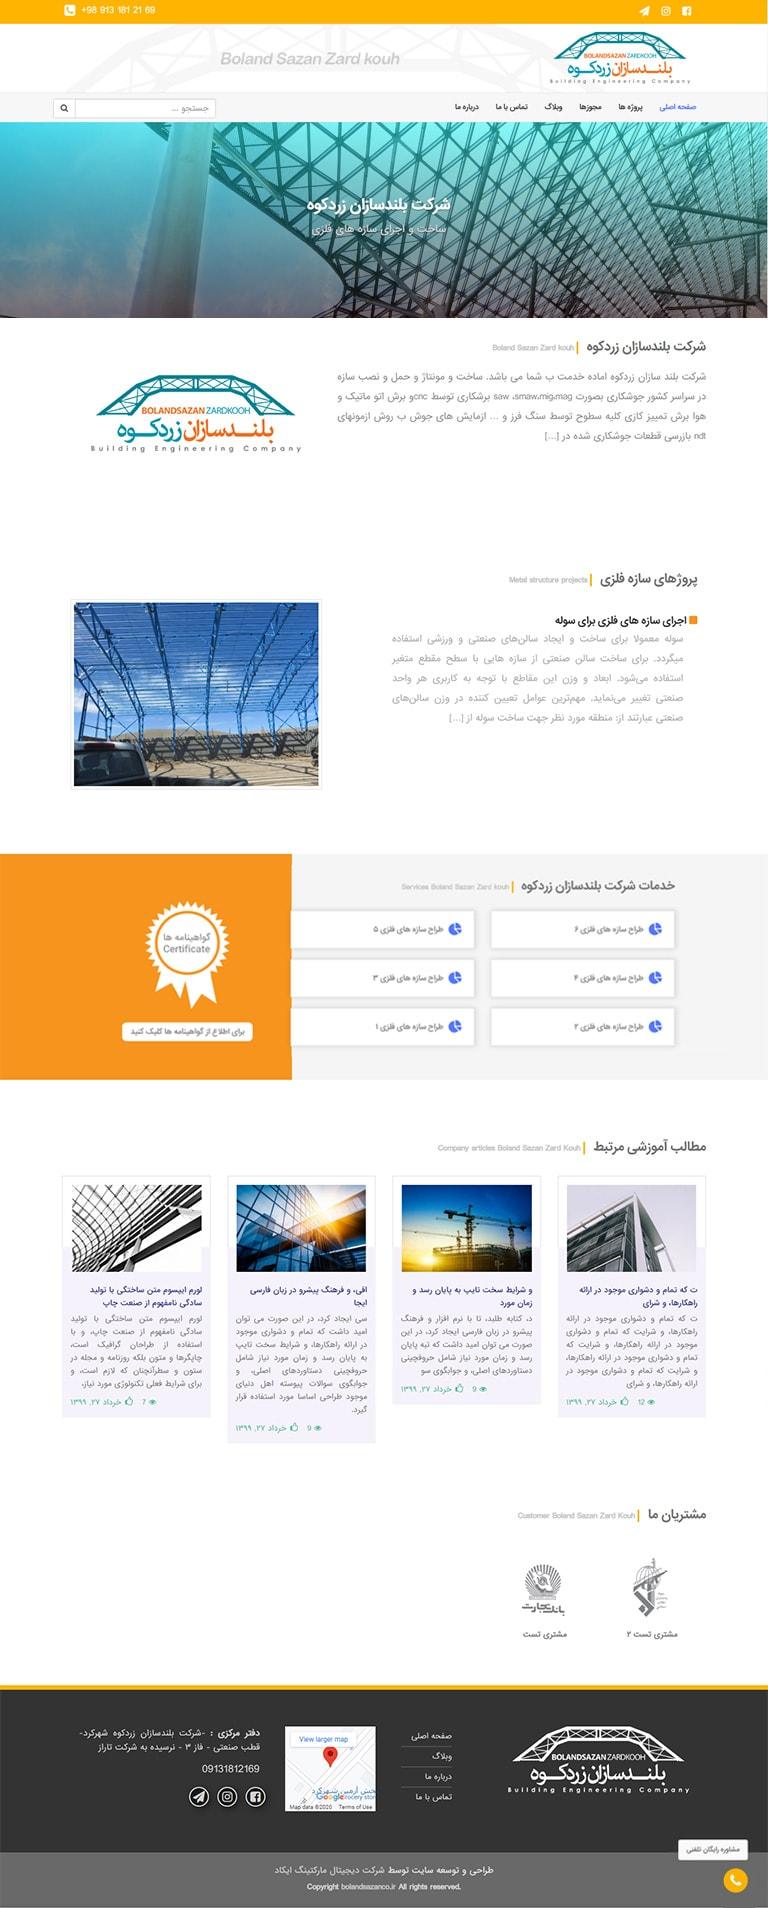 طراحی سایت بلندسازان